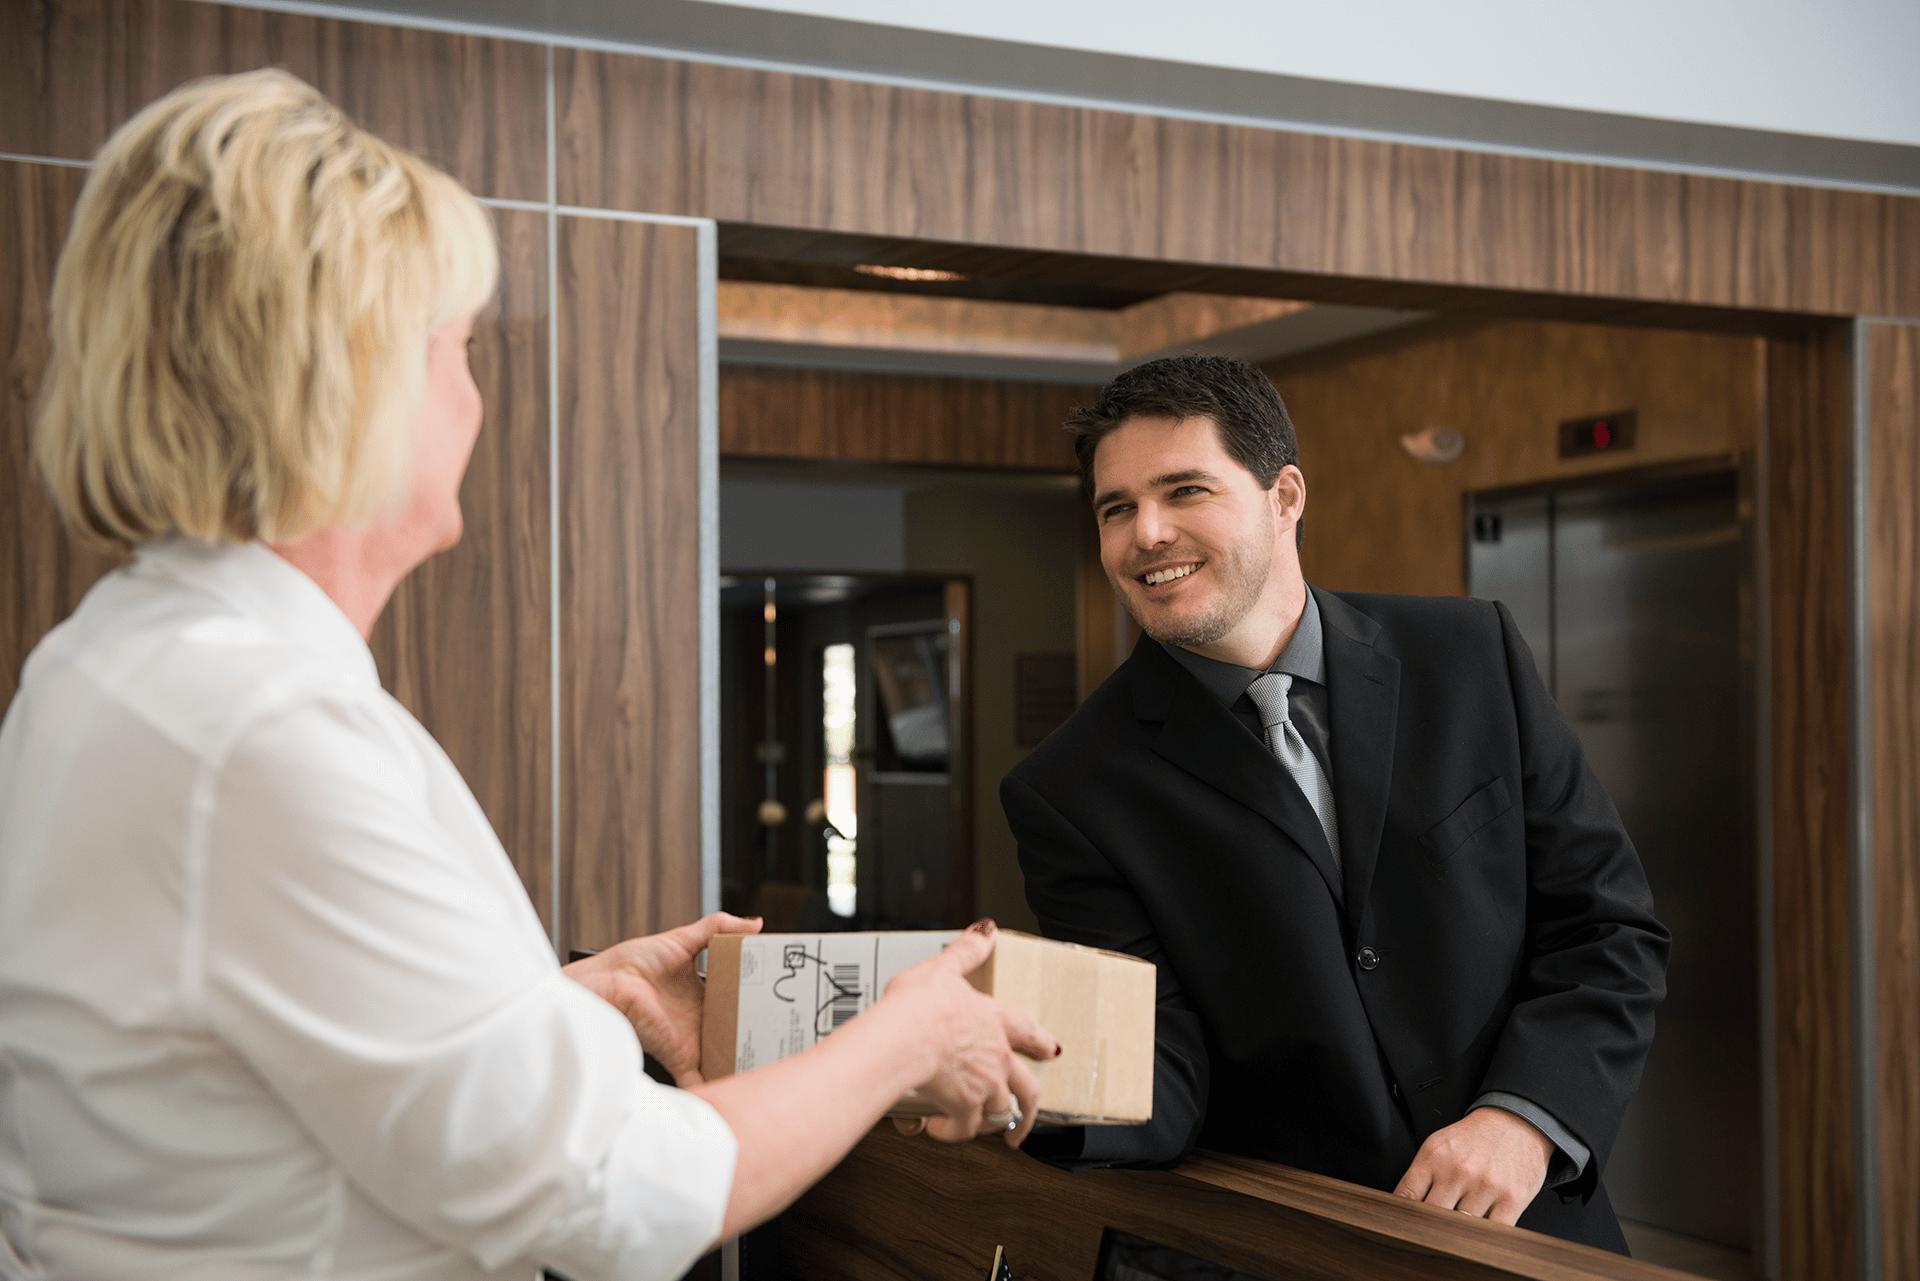 concierge receiving package at harlan flats in wilmington de